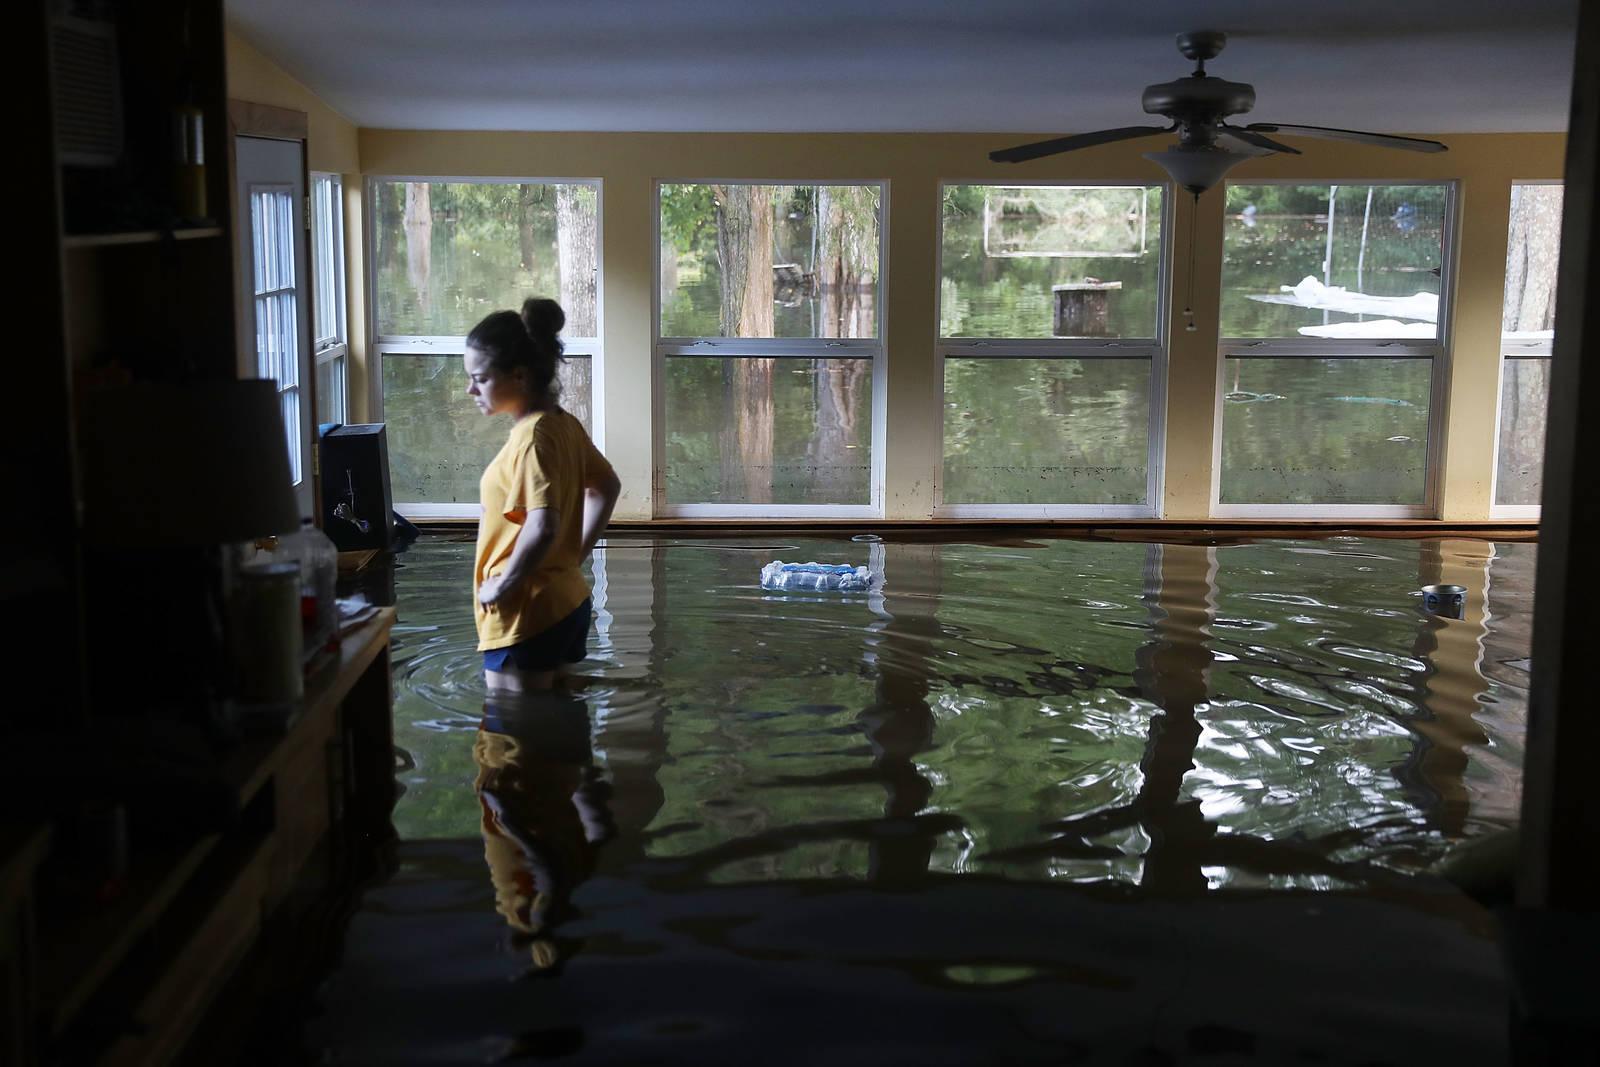 Louisiana floods in 2016